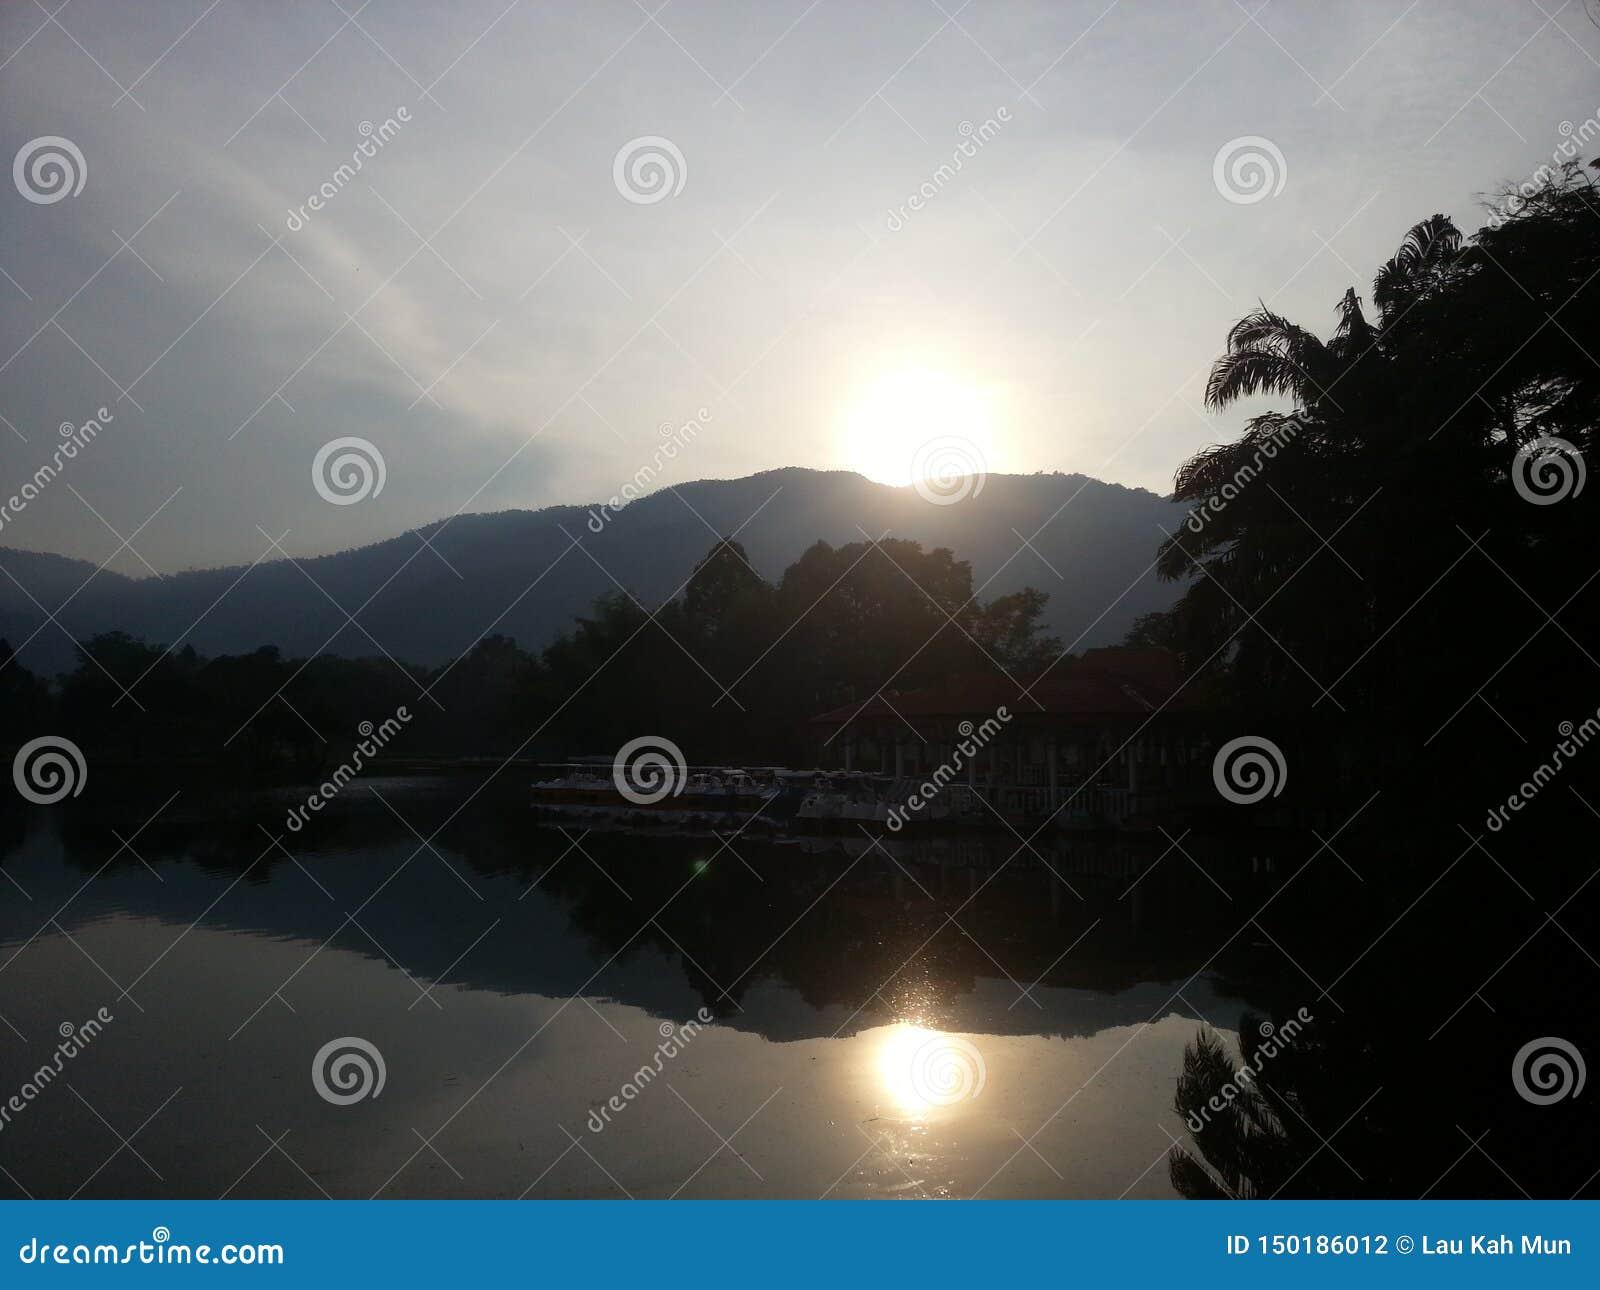 Vandaag, wil ik verschillende manieren proberen om beelden van landschapsfoto s in verschillende tijden te nemen